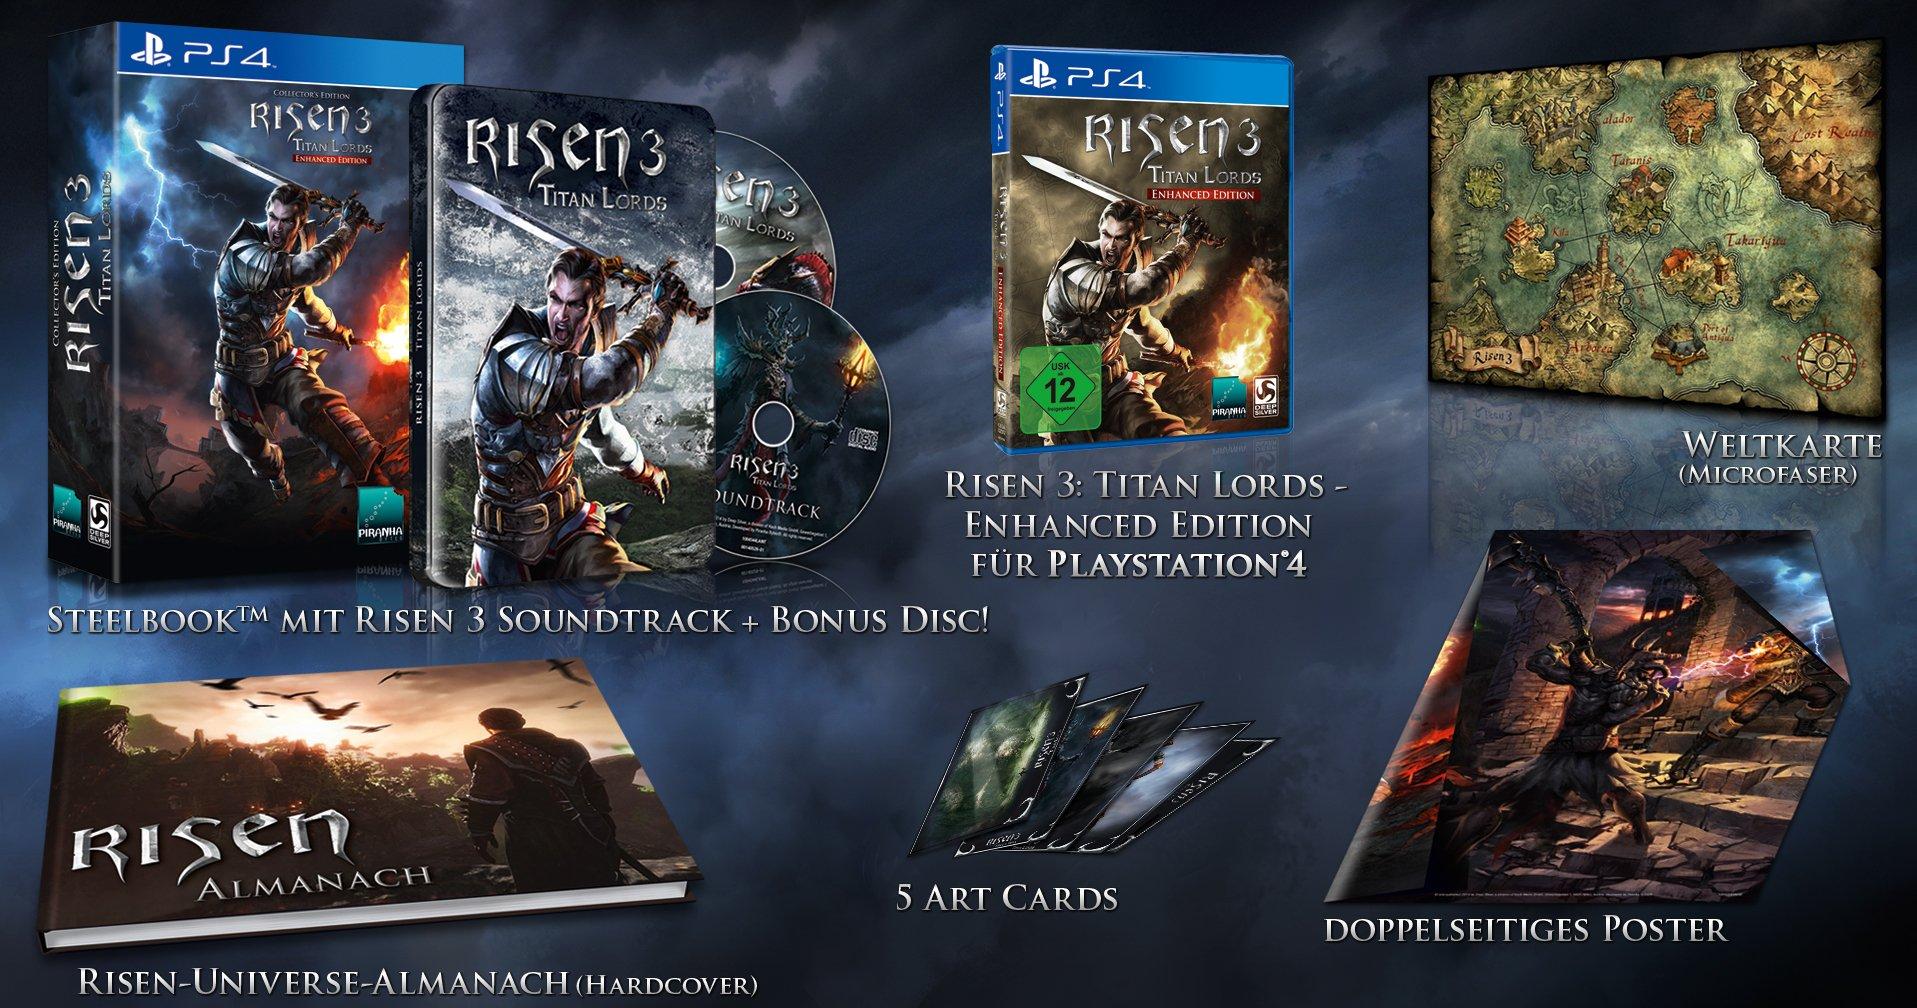 Sběratelská edice pro vylepšenou PS4 verzi Risen 3 112305